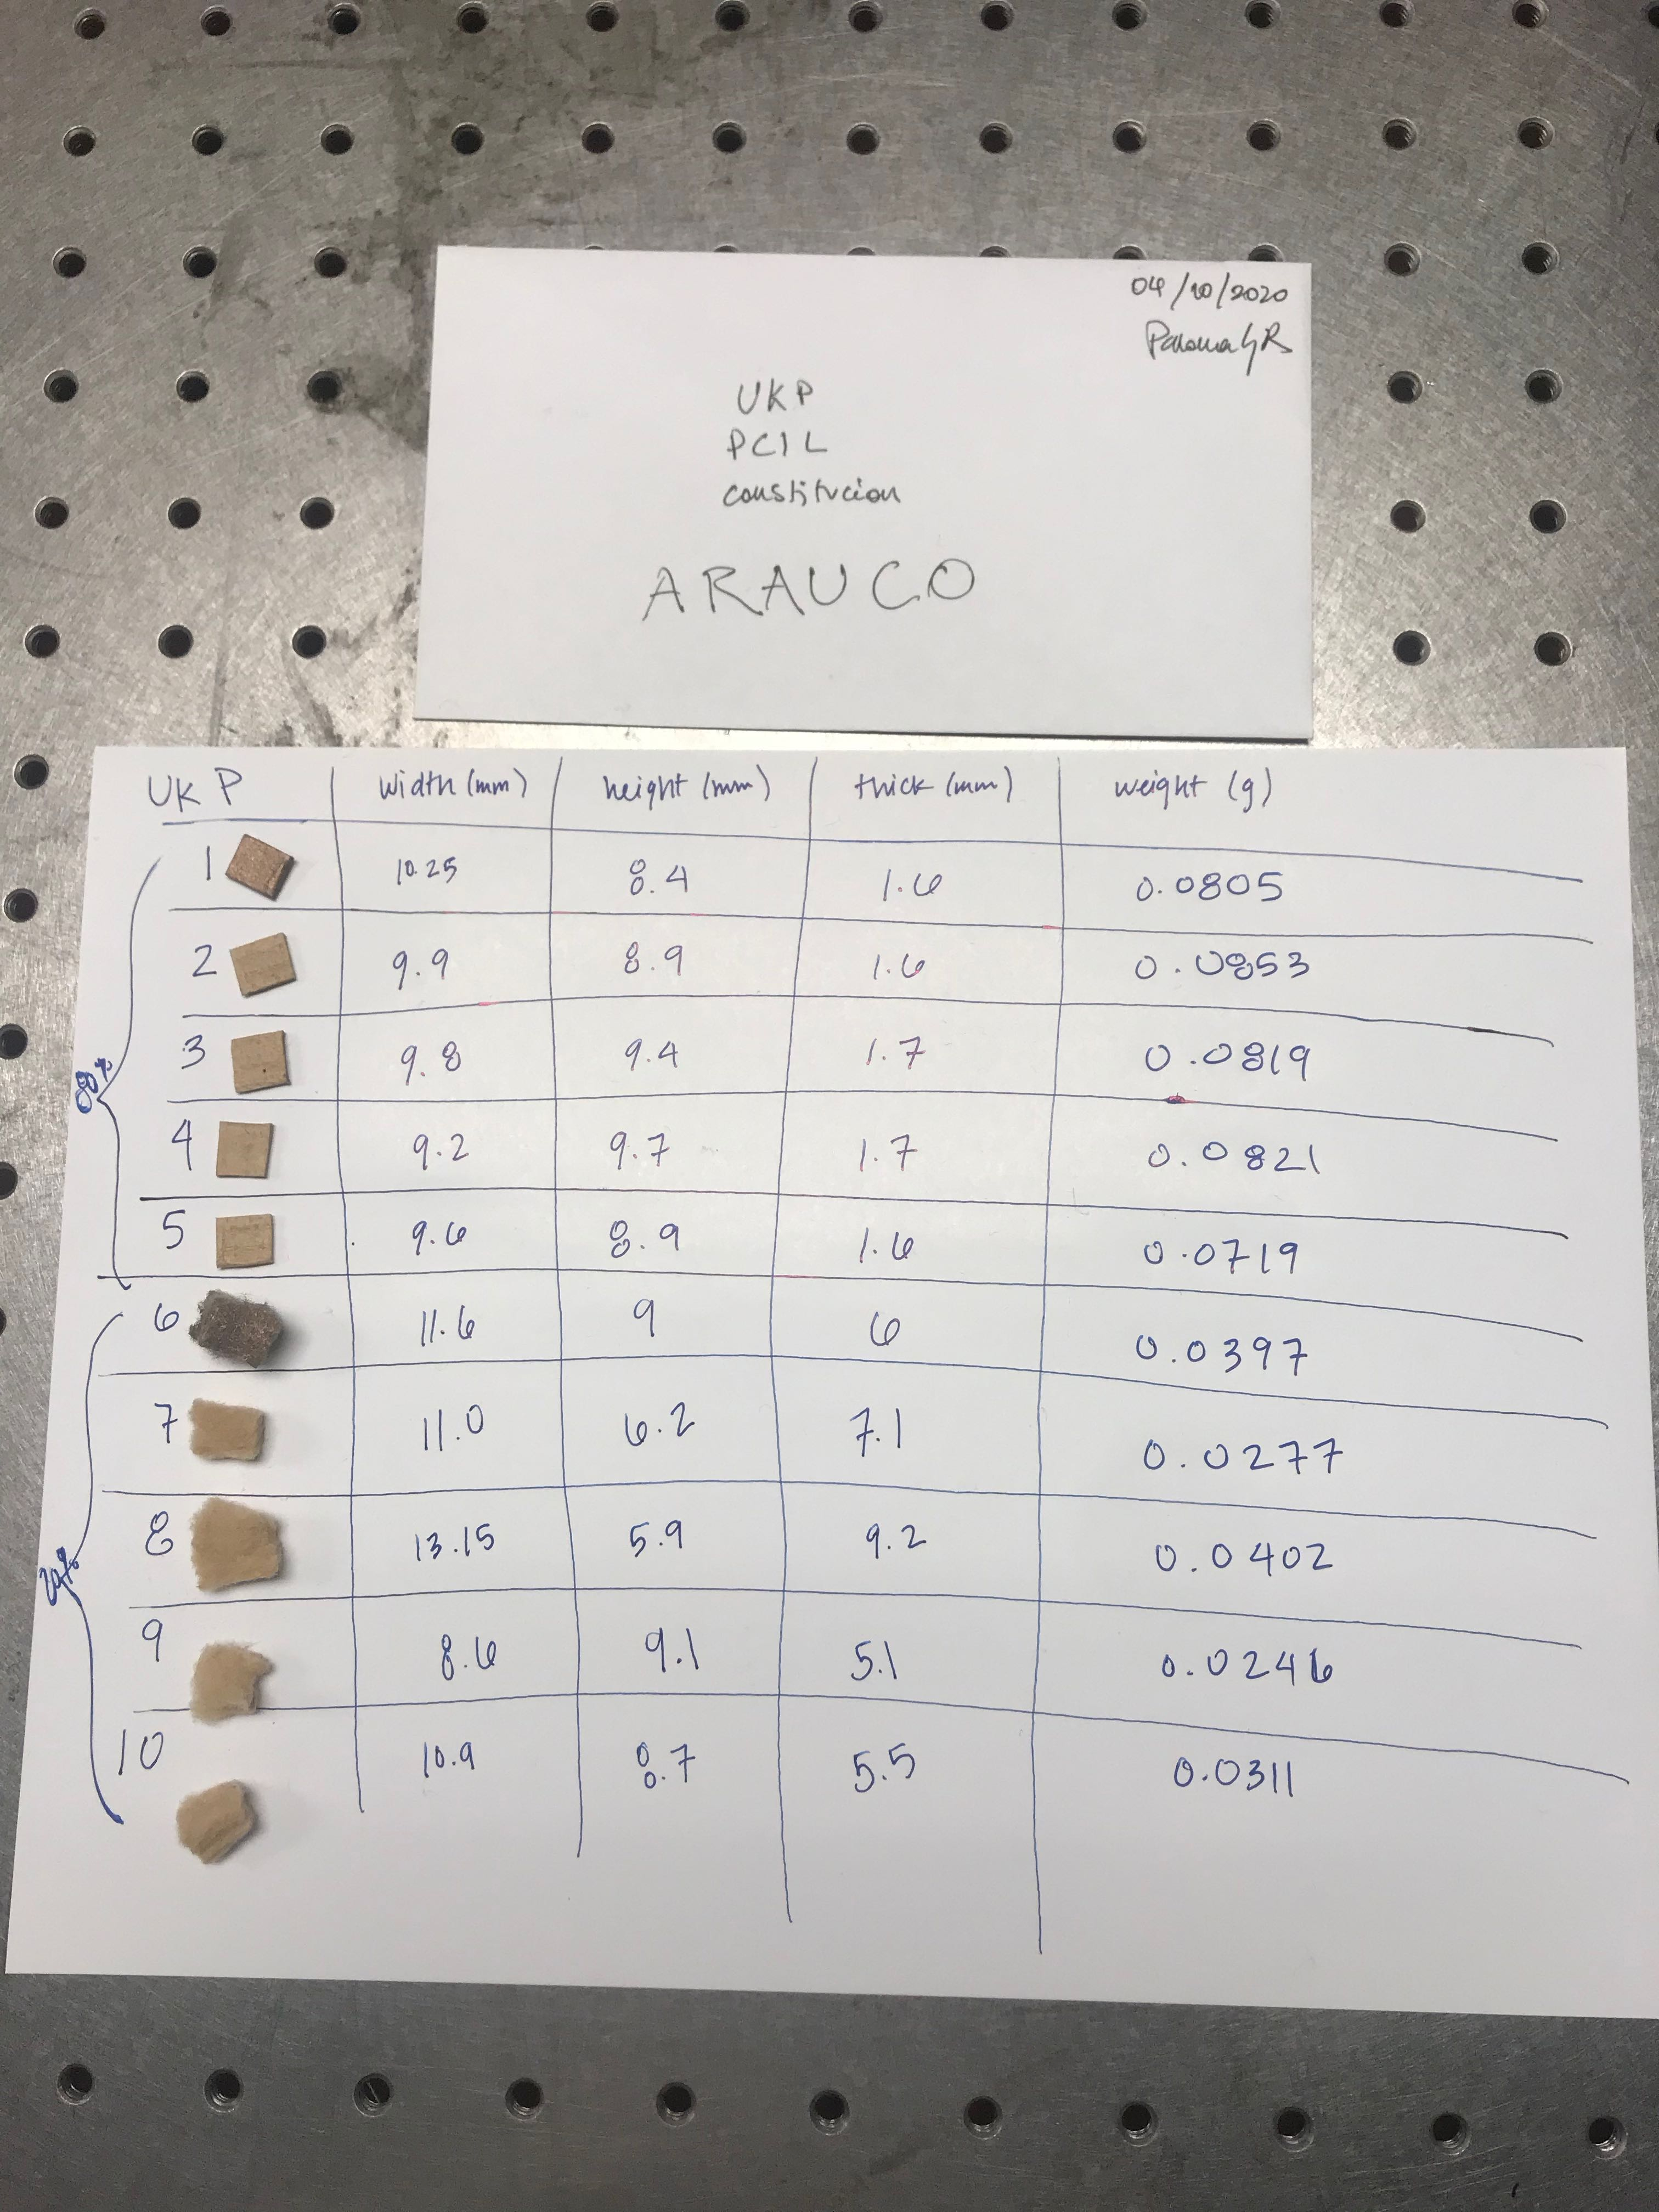 Arauco/UKP/ukp_measured.jpg